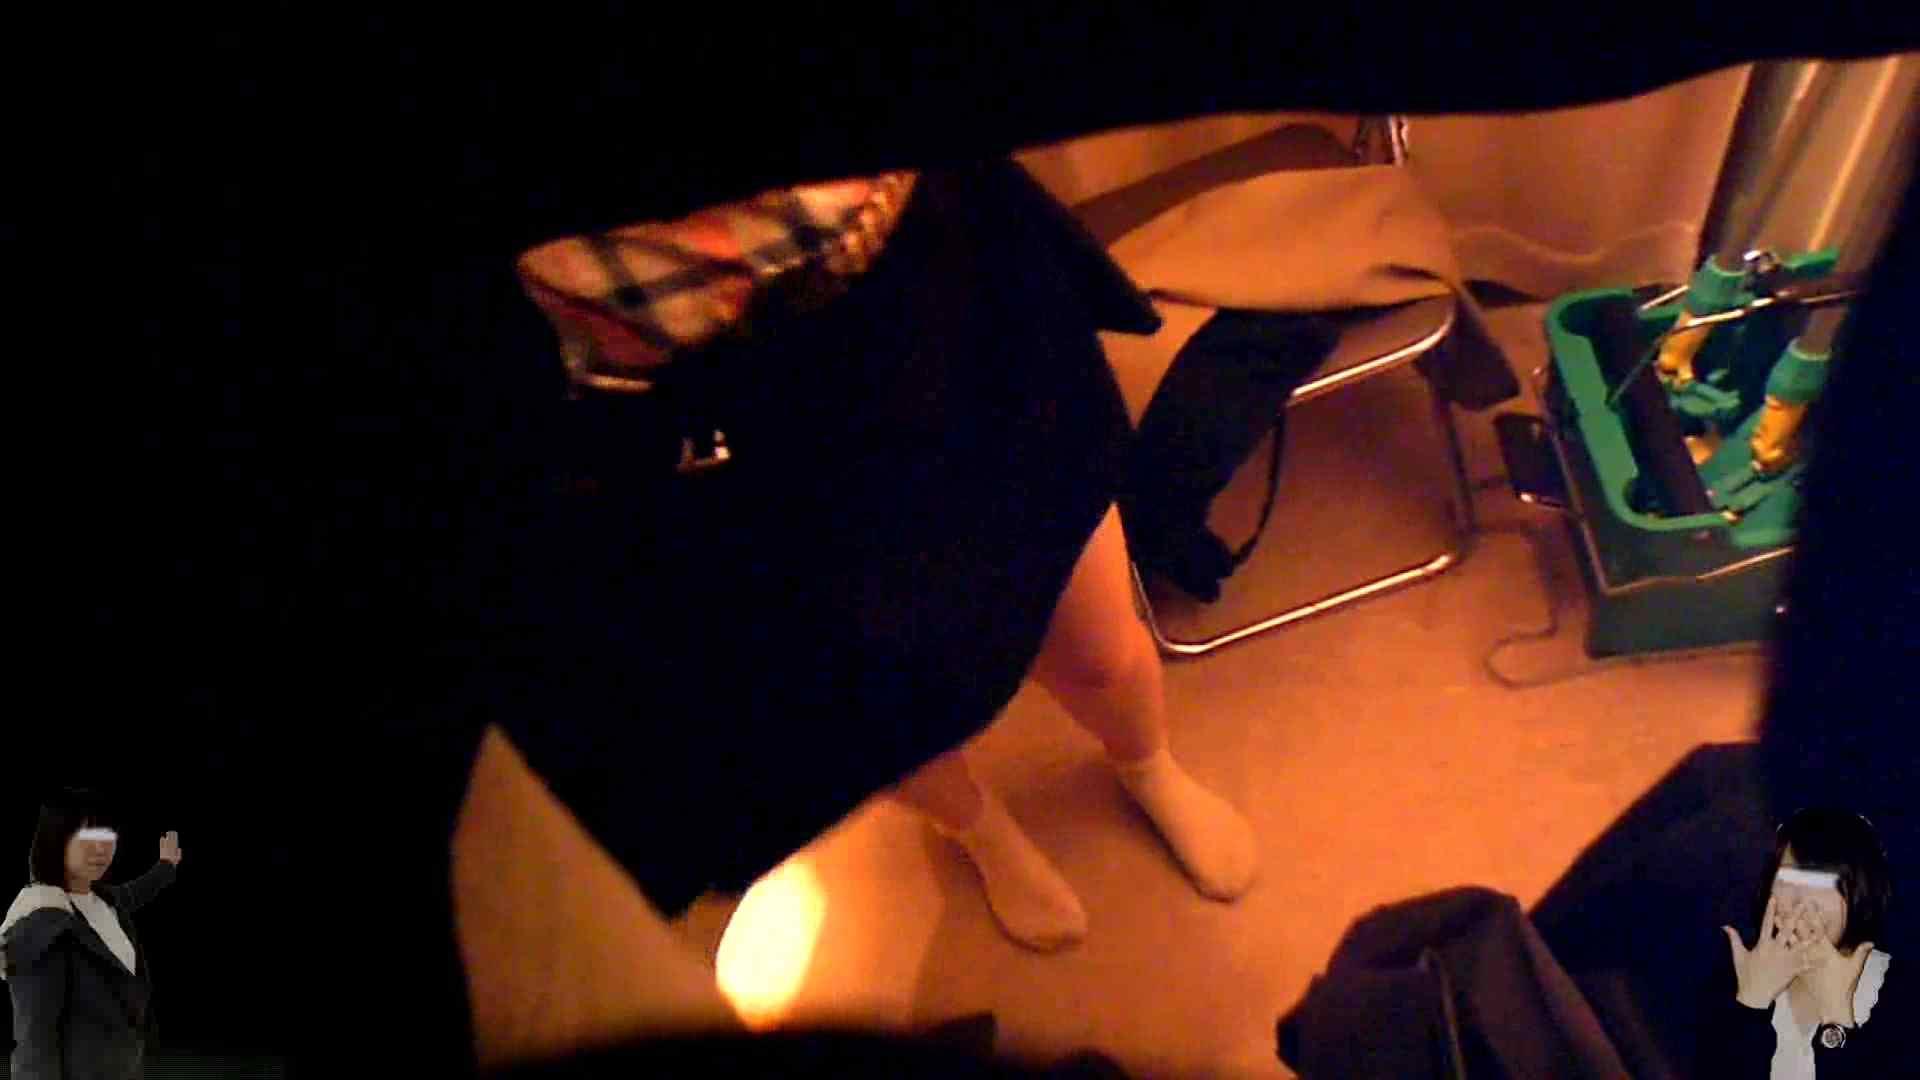 素人投稿 現役「JD」Eちゃんの着替え Vol.04 美しいOLの裸体   投稿  107pic 69